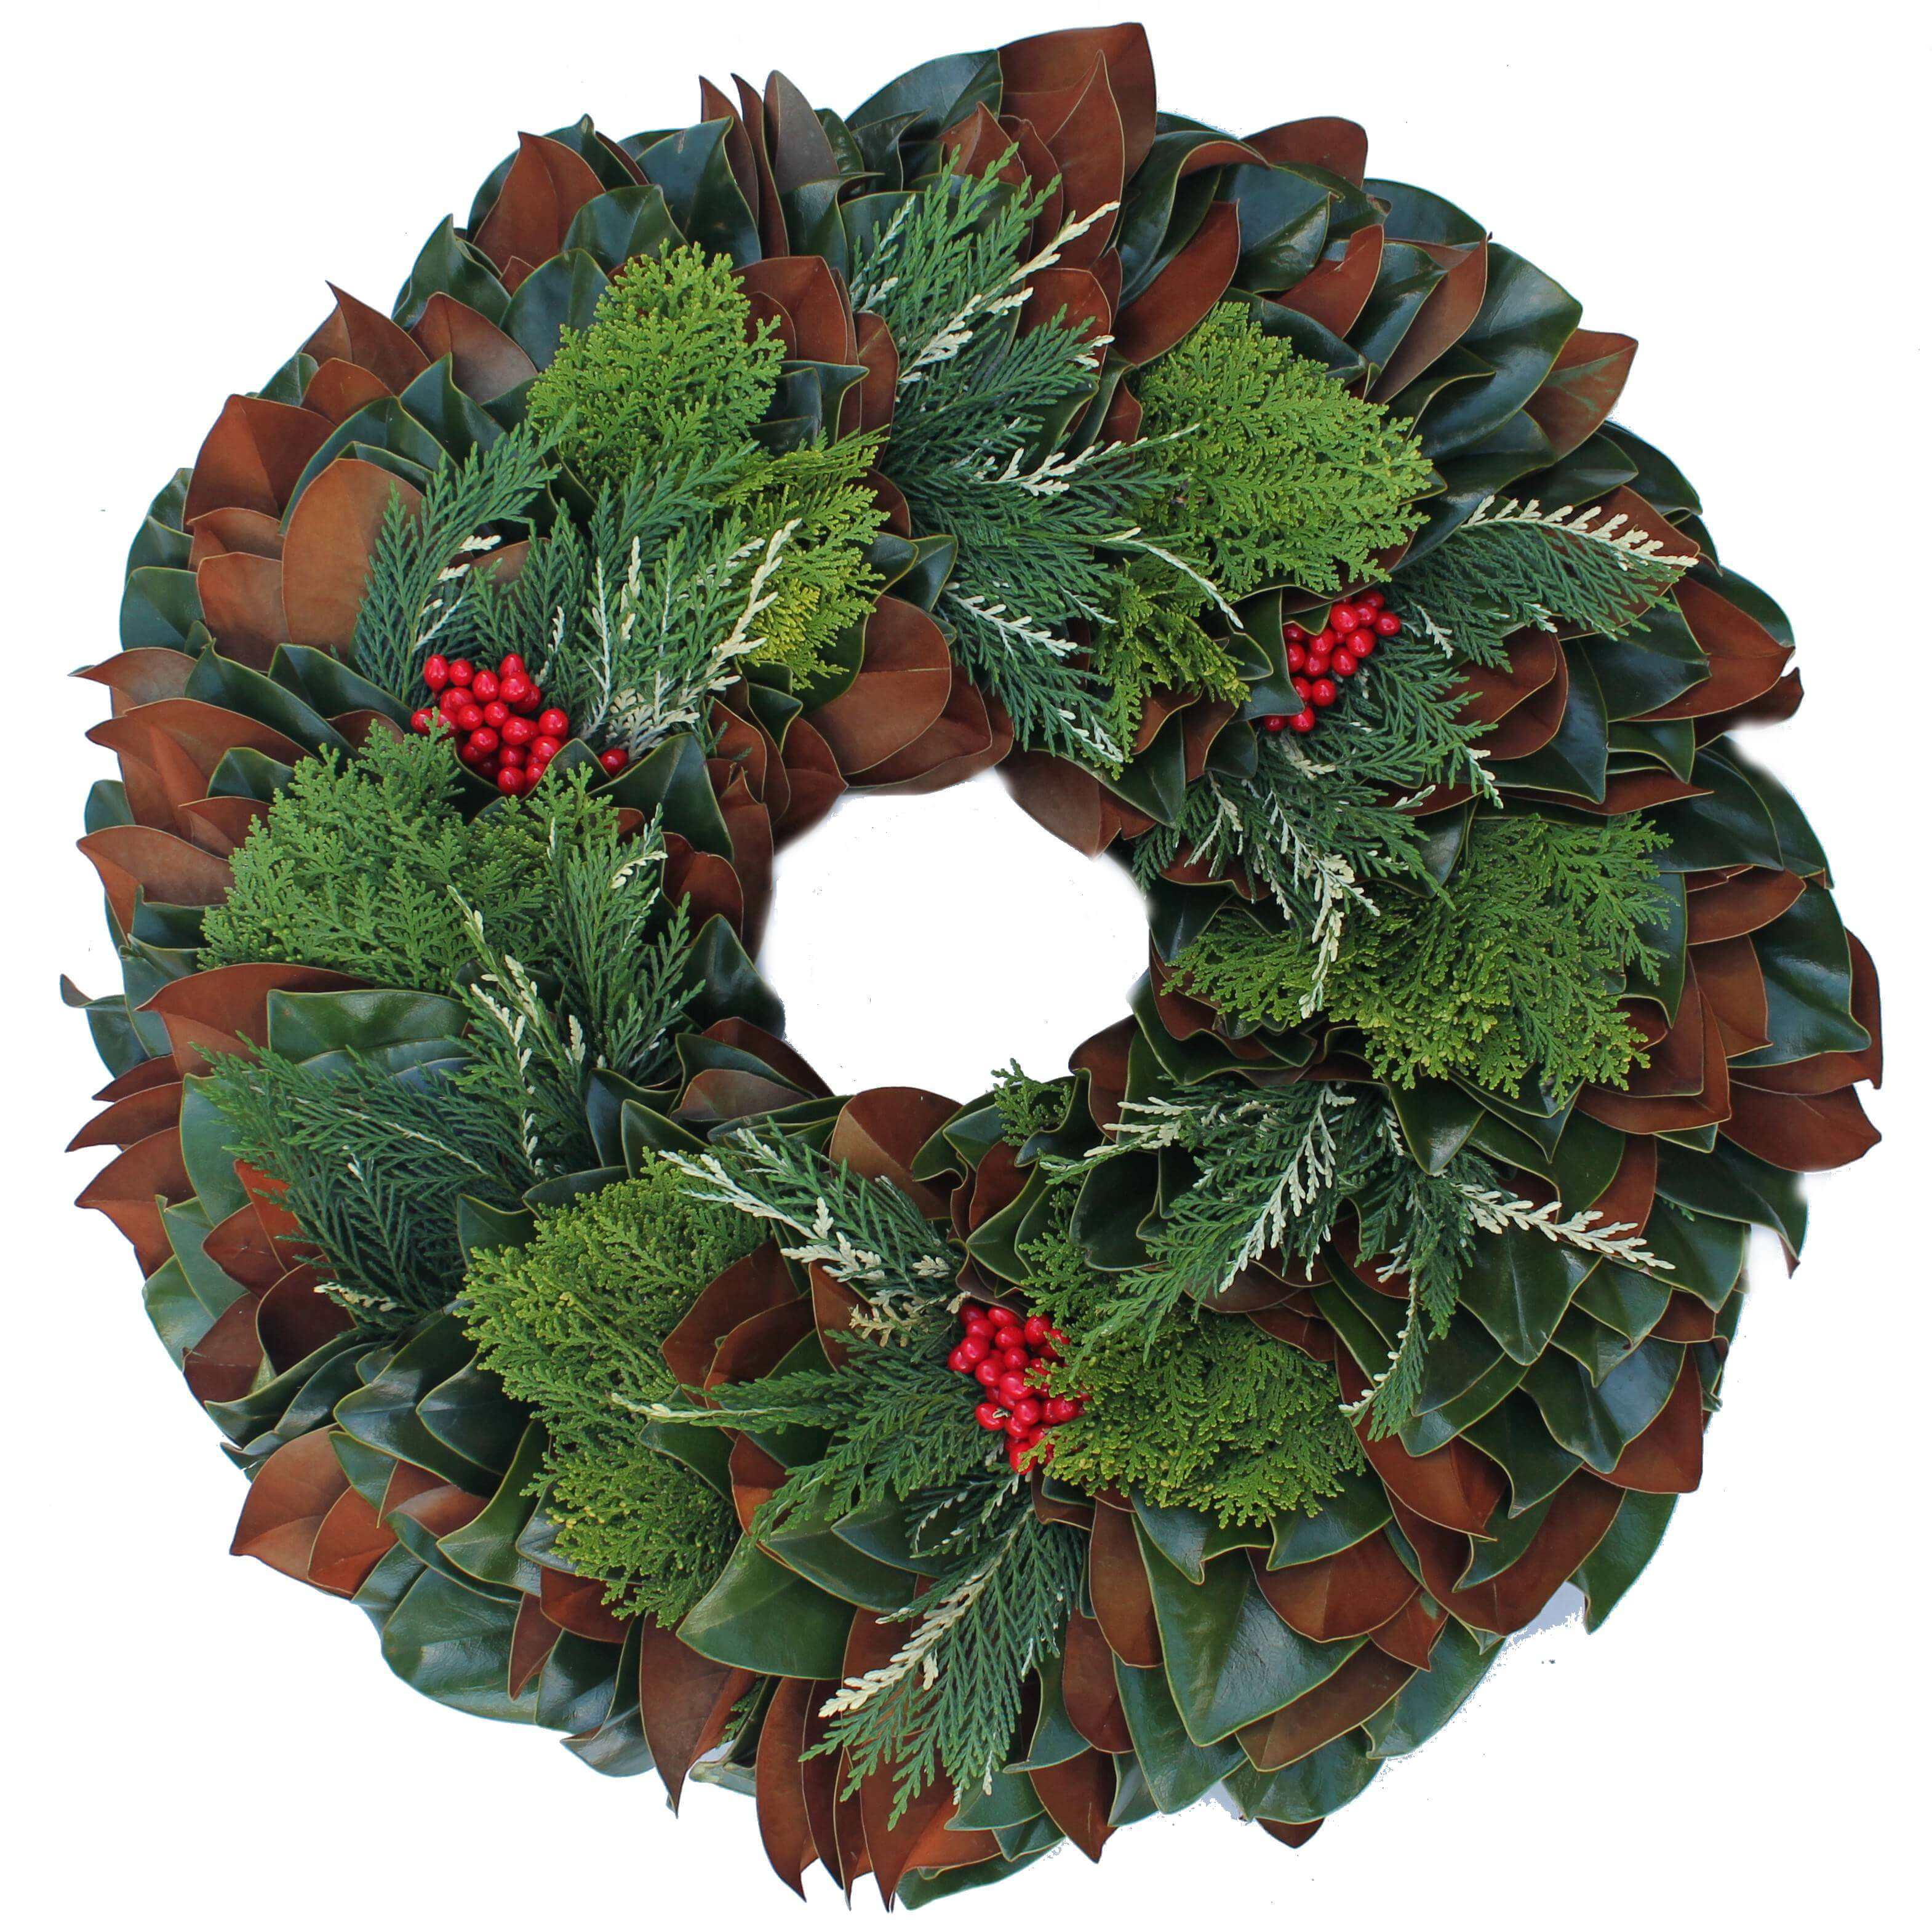 Magnolia Arbavida and Variegated Leylend Christmas Wreath